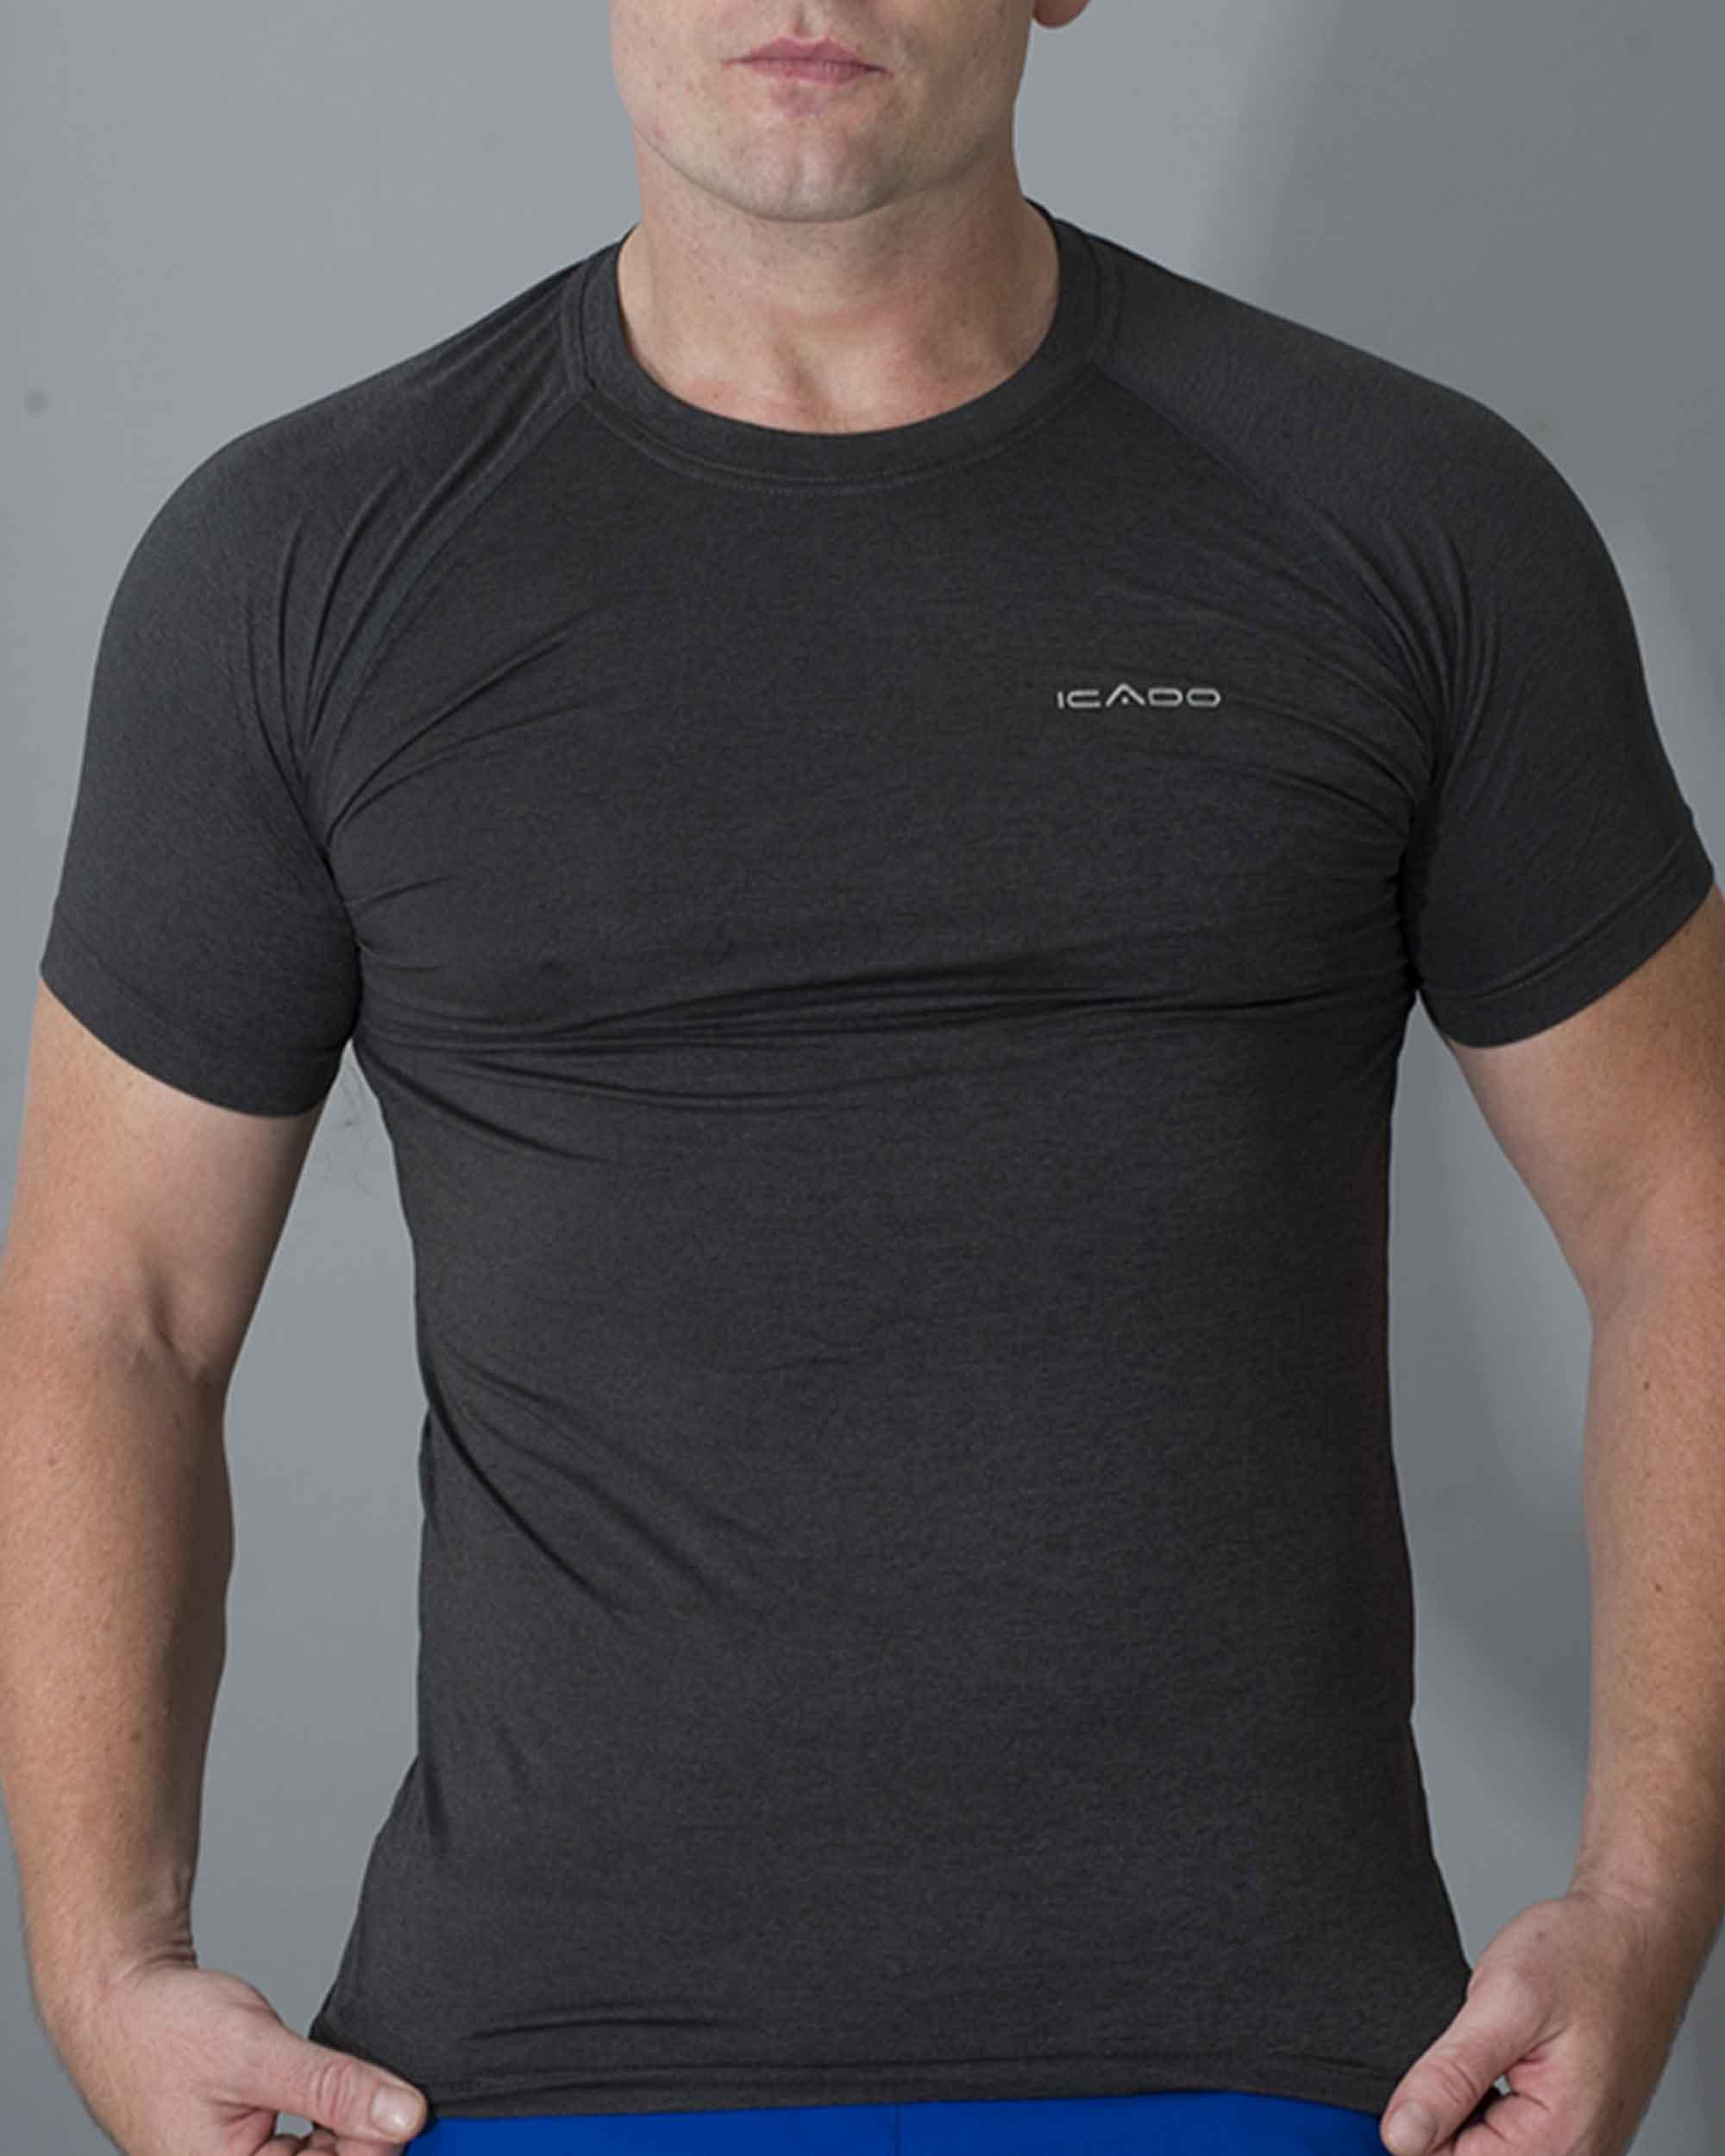 Áo ngắn tay gym nam cổ tròn HY18